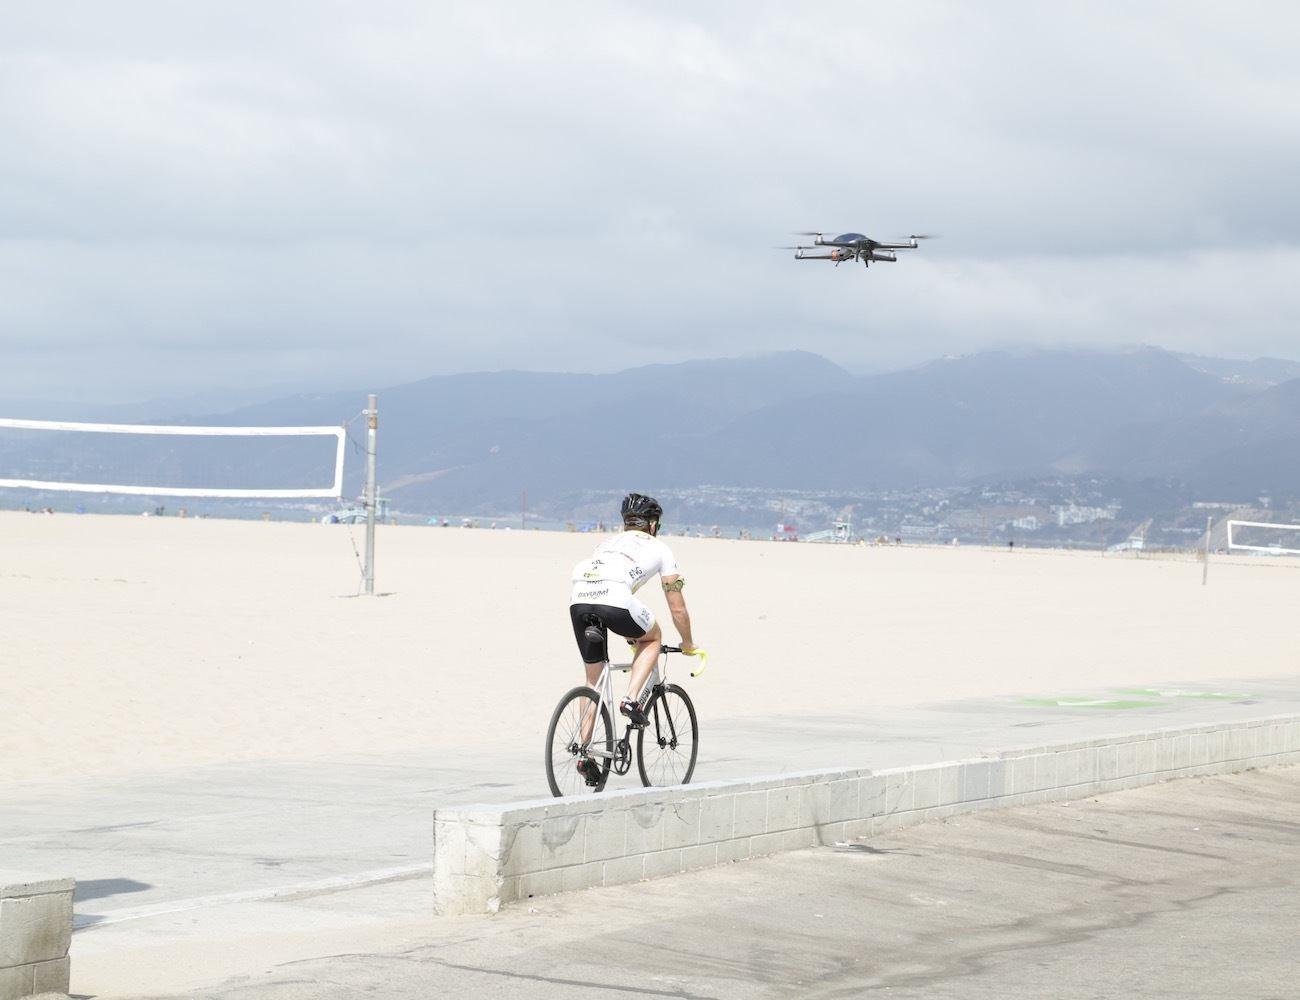 MyDrone Auto-Follow Drone